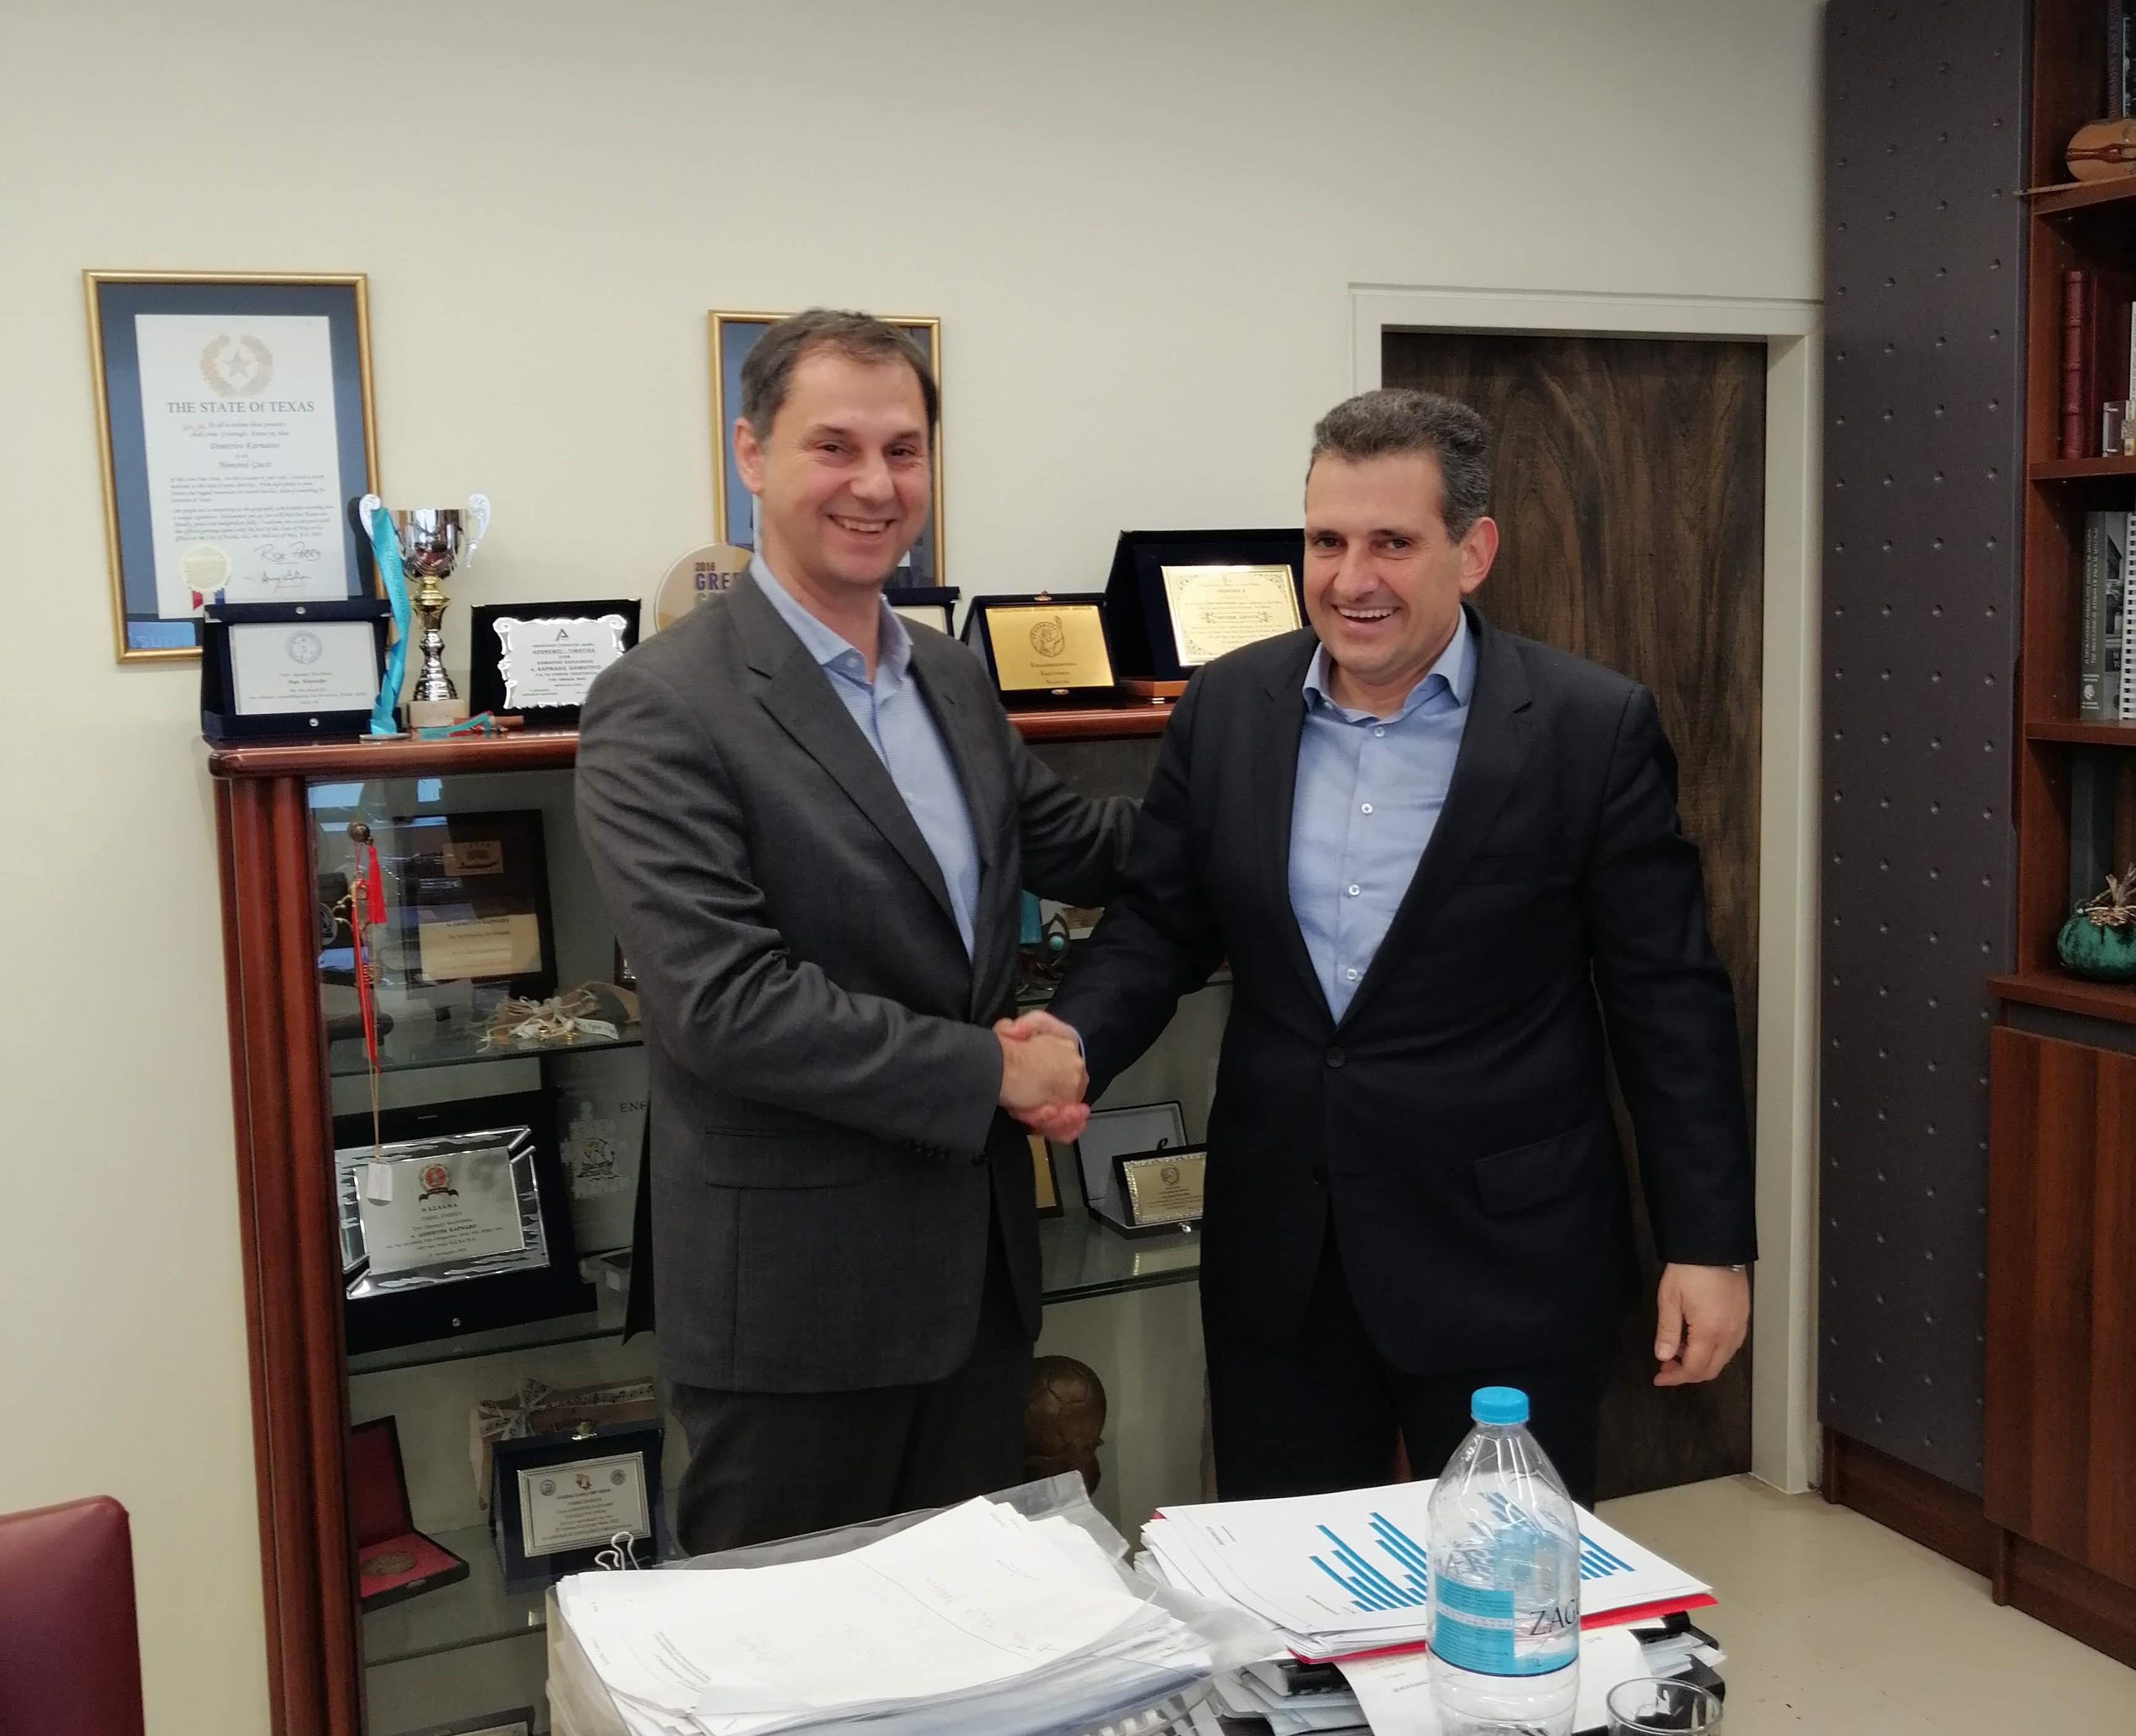 Συνάντηση με το δήμαρχο Καλλιθέας κ. Δημήτρη Κάρναβο.